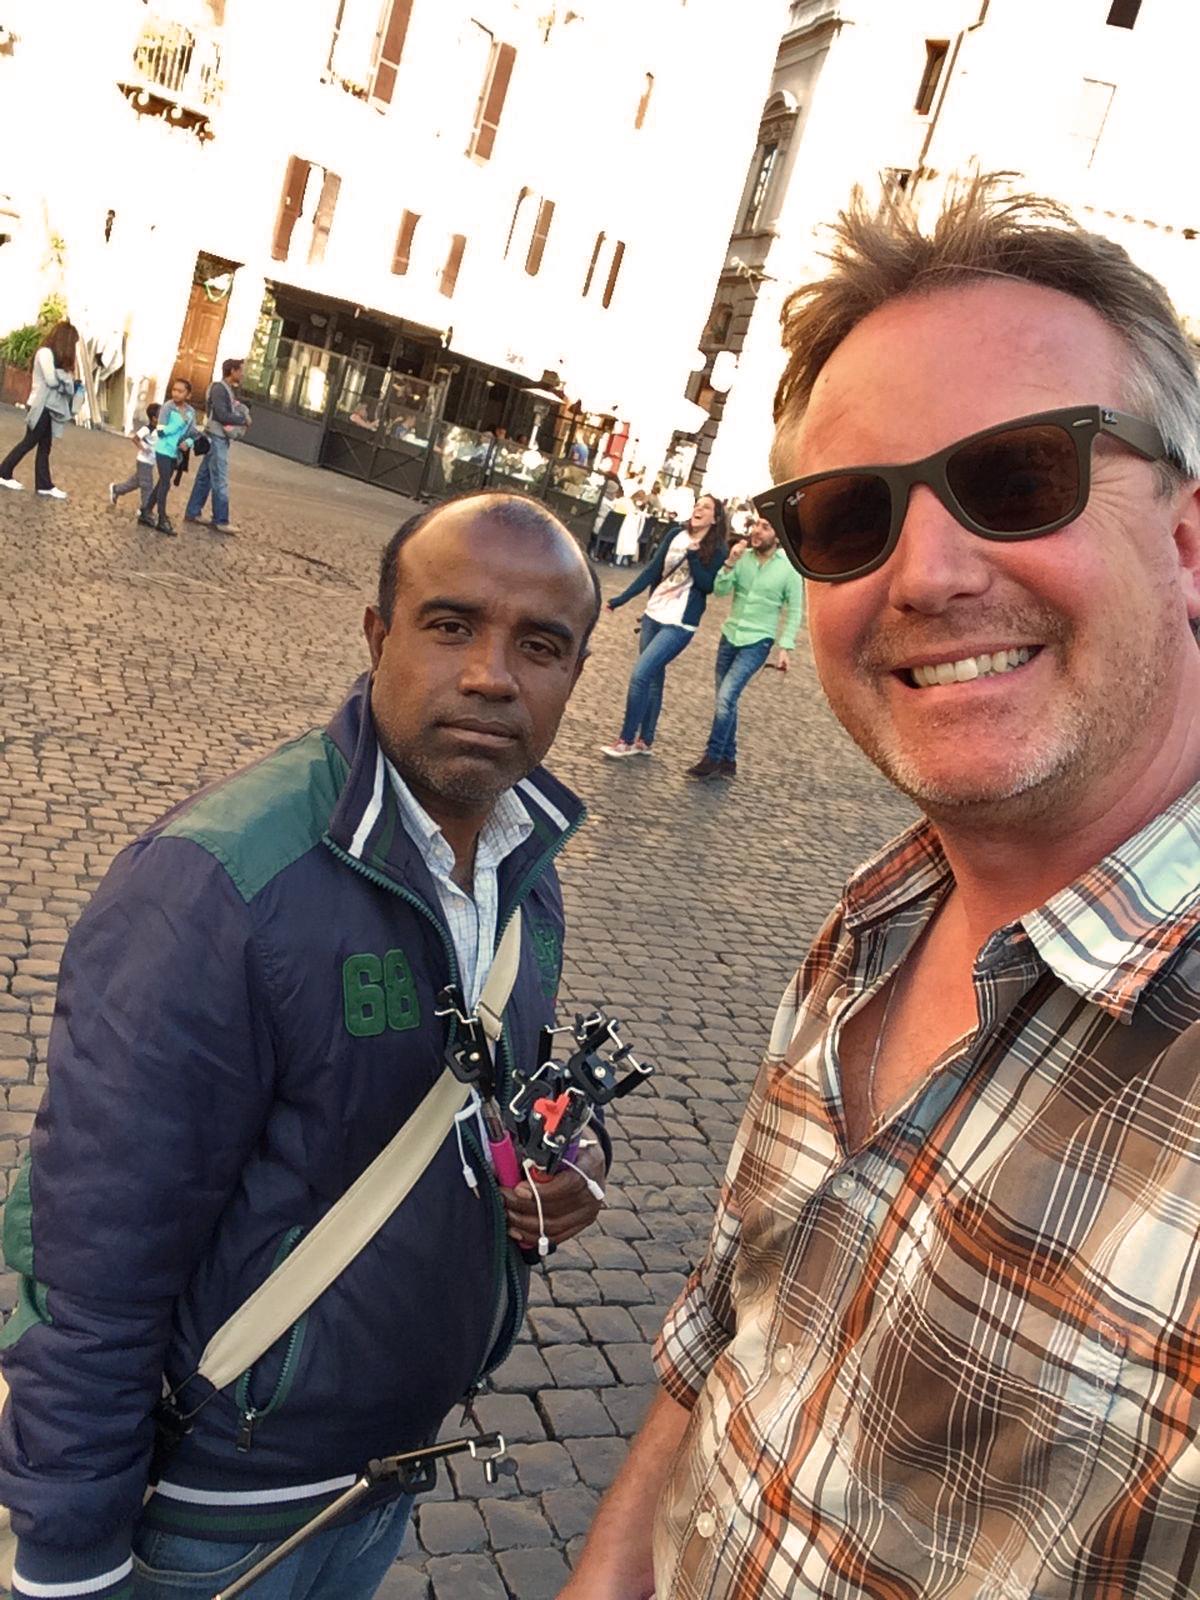 Selfie mit dem Selfie Stick Verkäufer